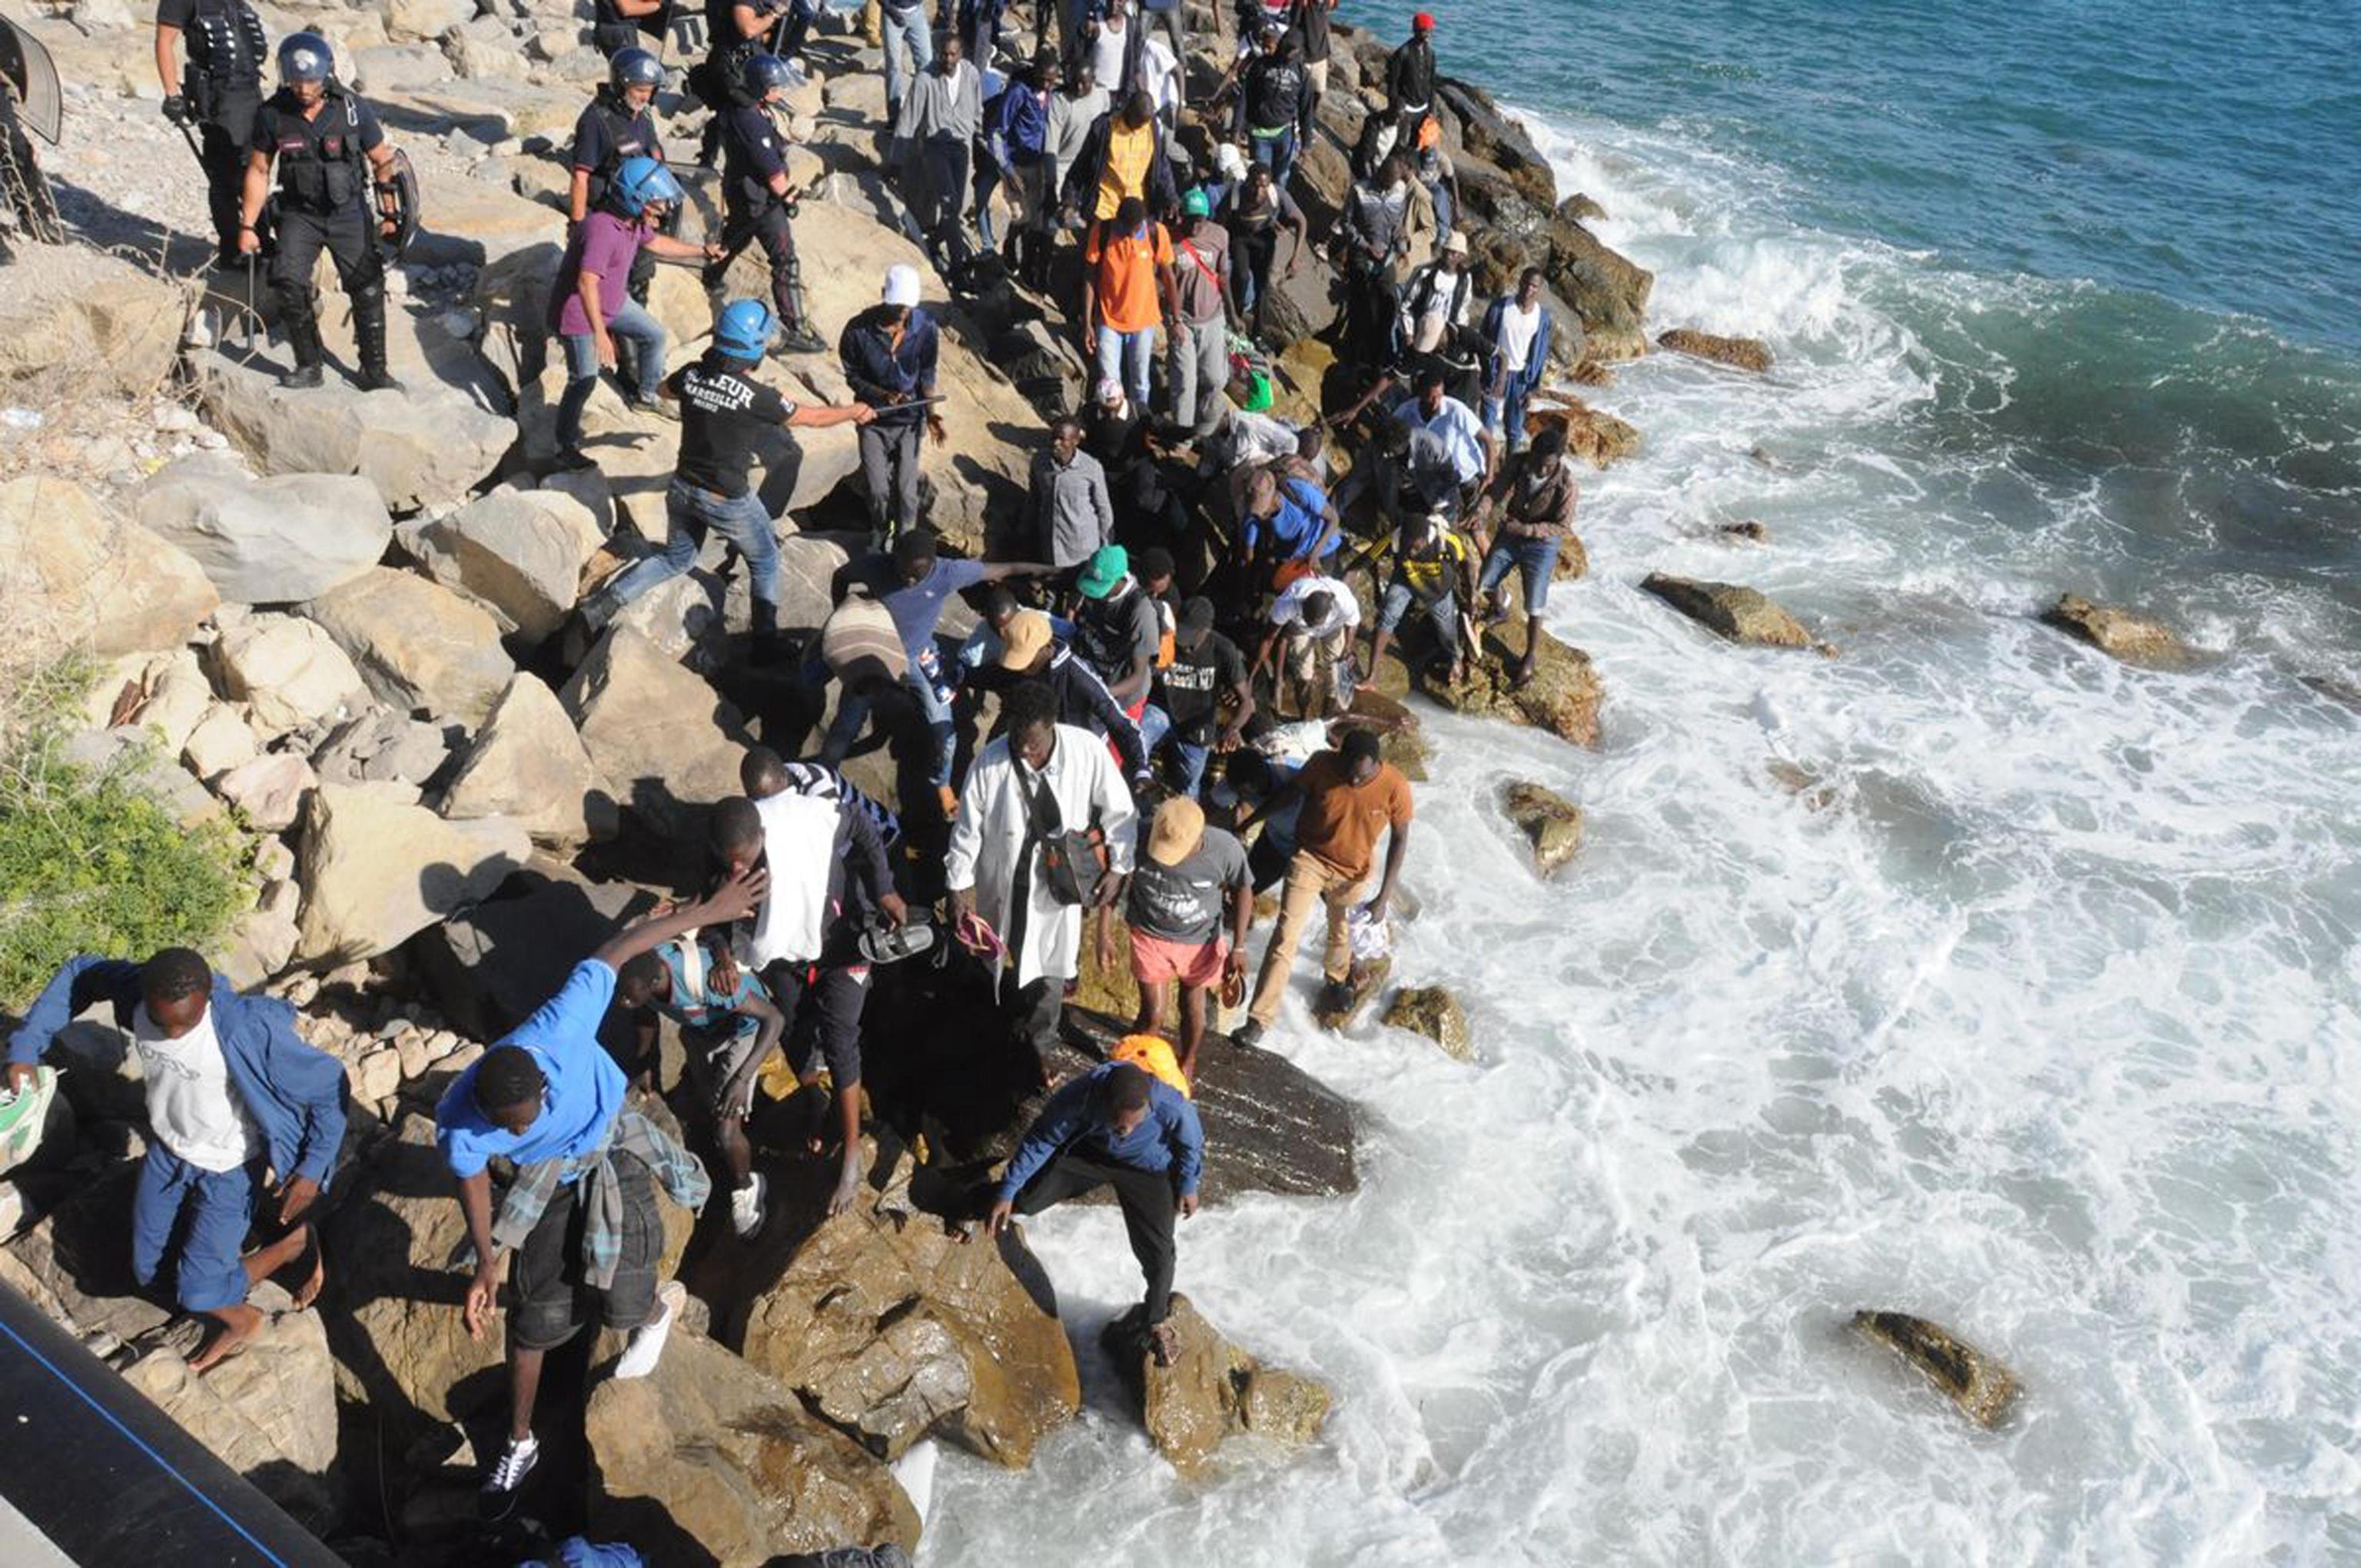 Presídľovanie utečencov z Taliansko do Nemecka, kvóty na utečencov